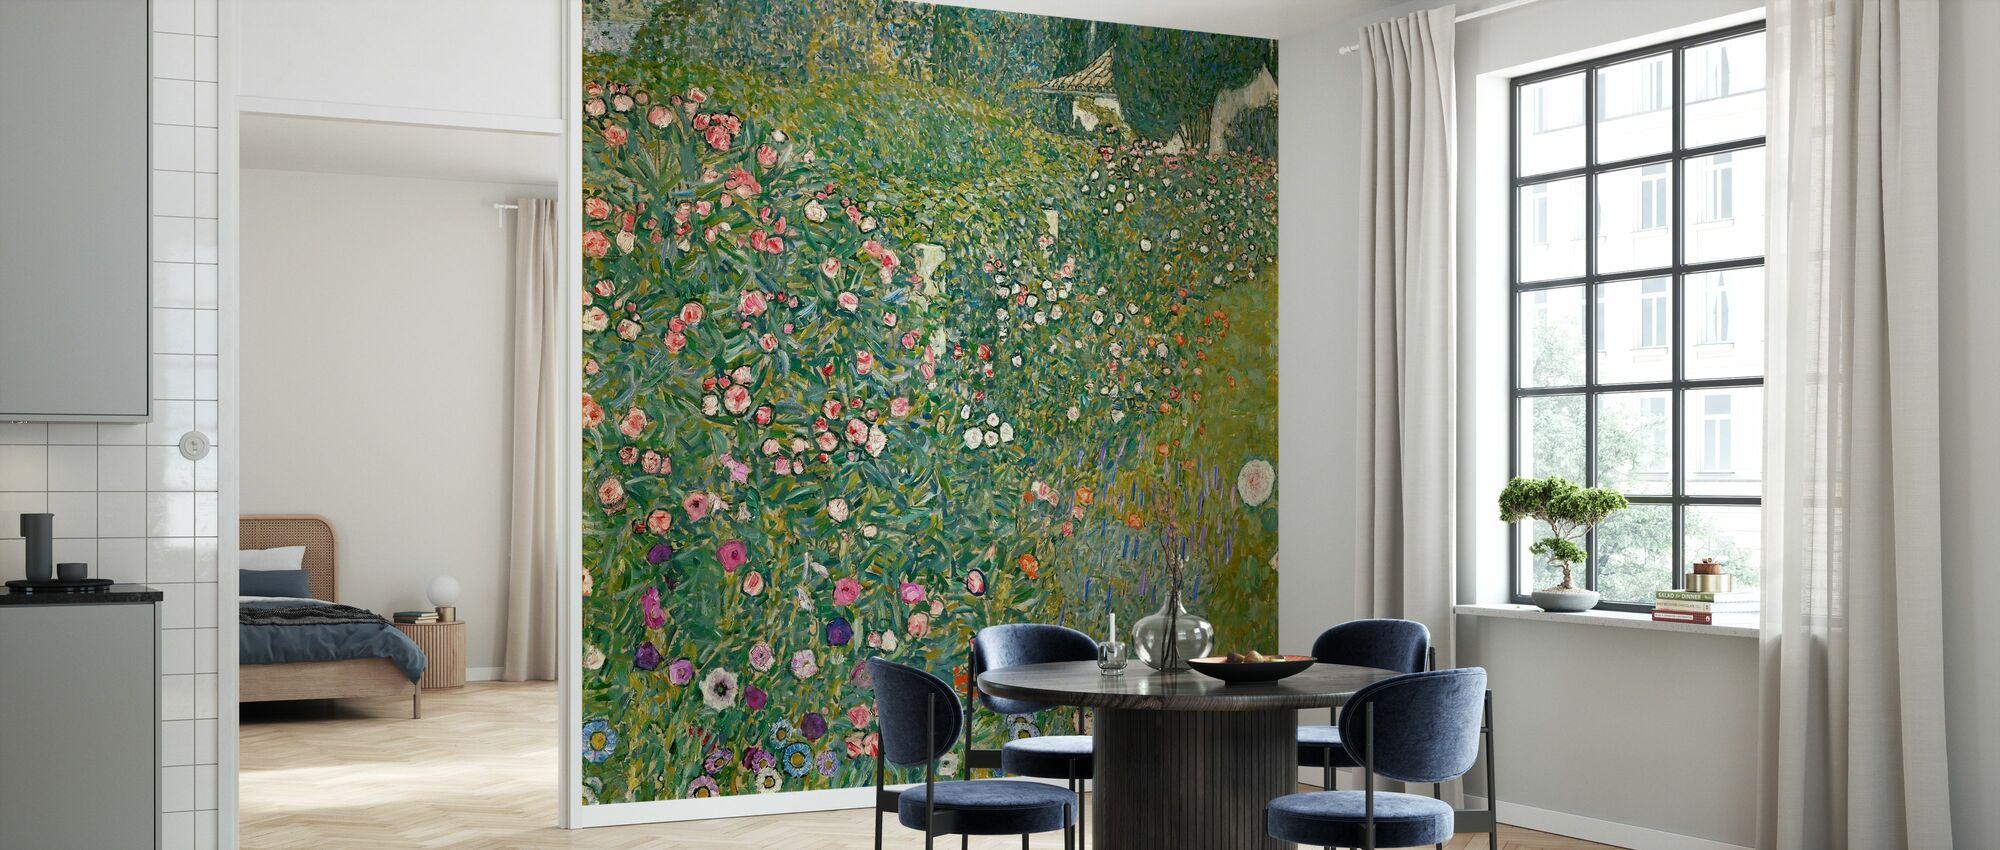 Klimt, Gustav - Italiensk Trädgård Landskap - Tapet - Kök